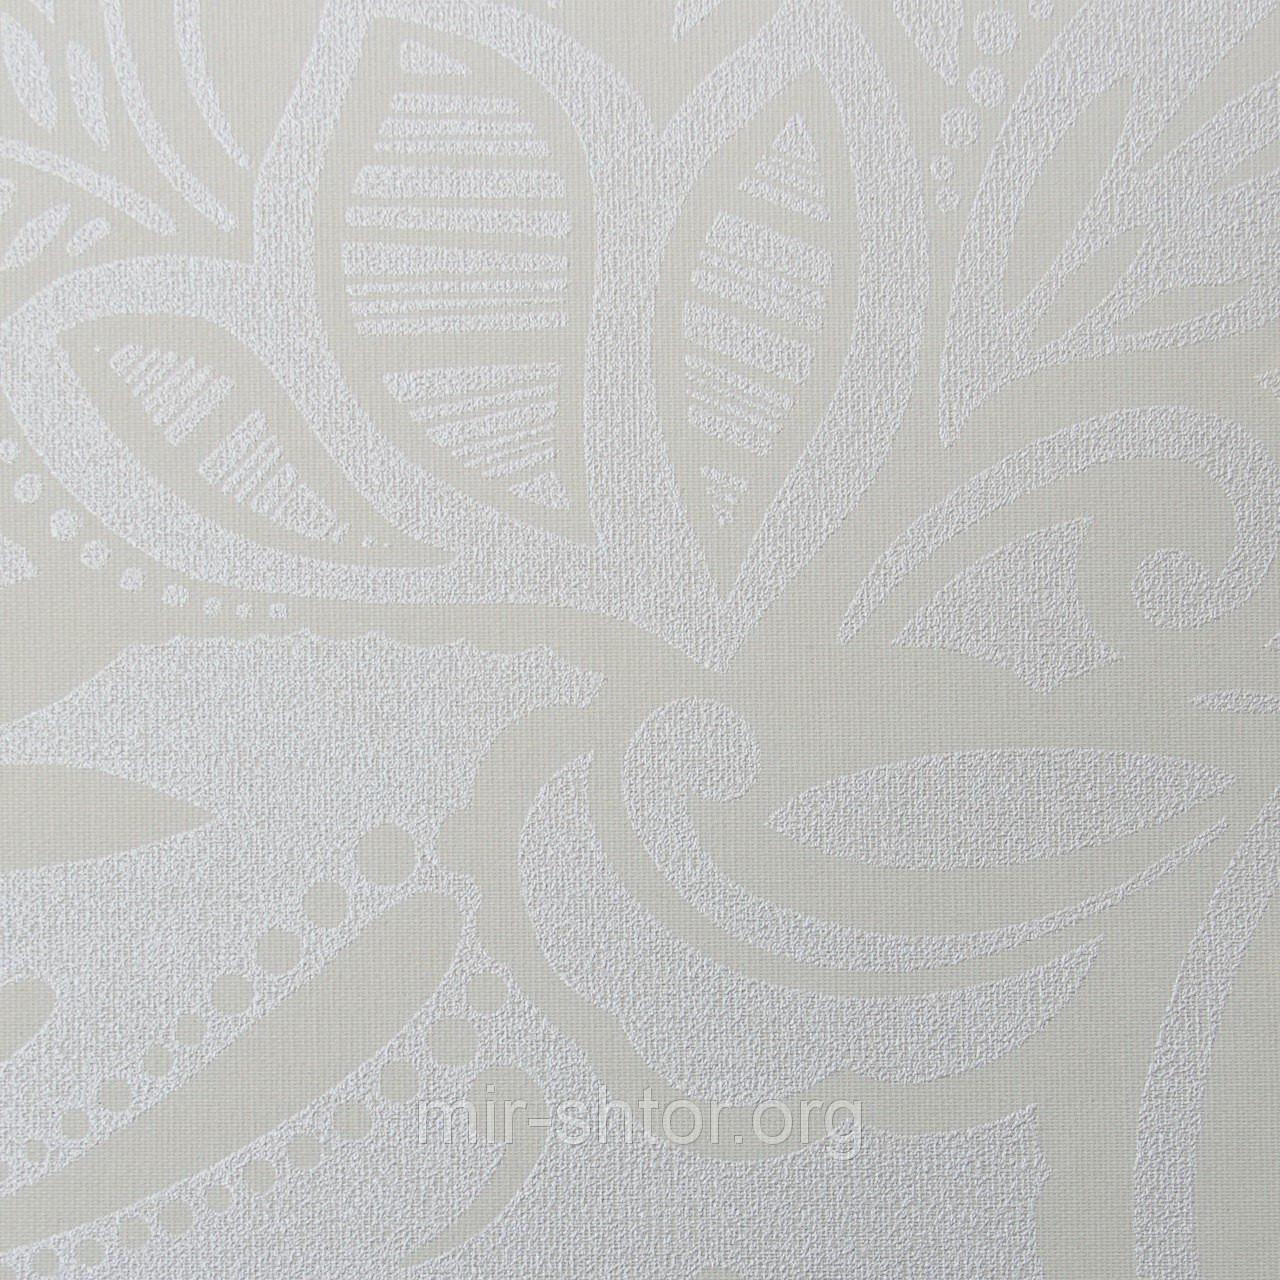 Готовые рулонные шторы 625*1500 Ткань Софи Кремовый